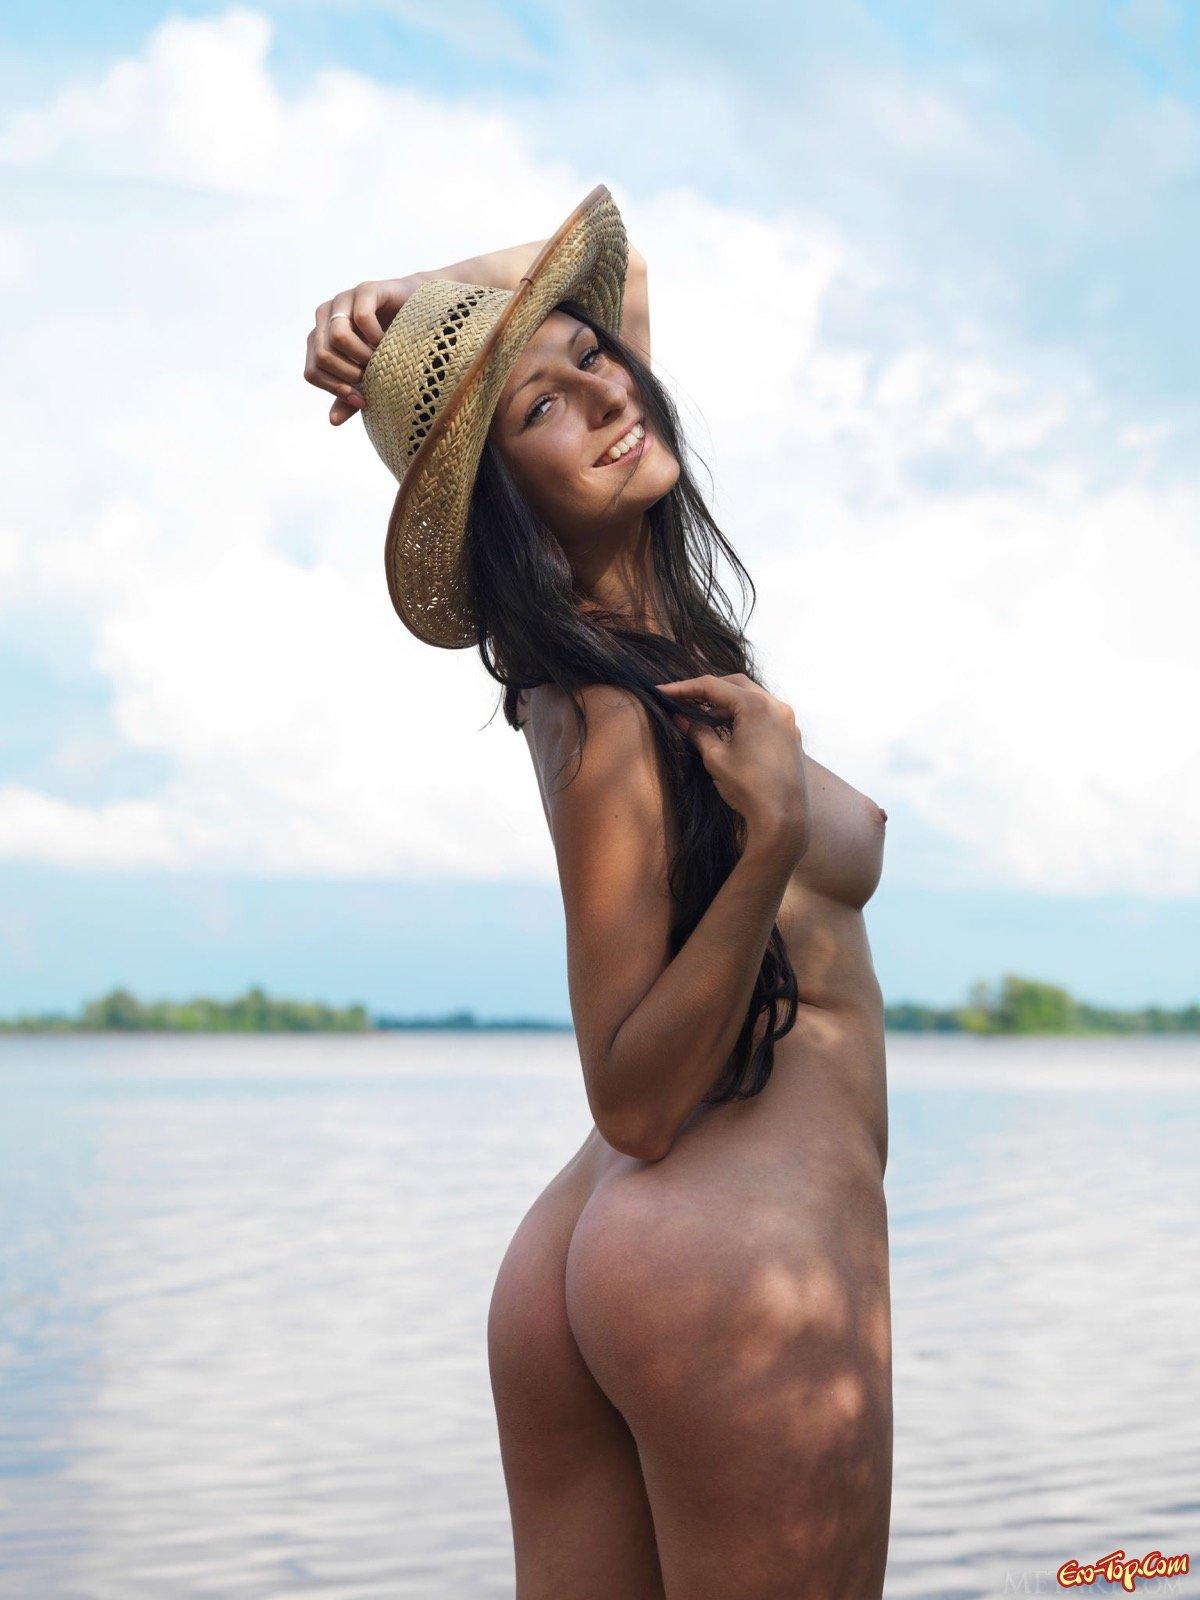 Обнаженная модель в шляпе намочила попу в речке